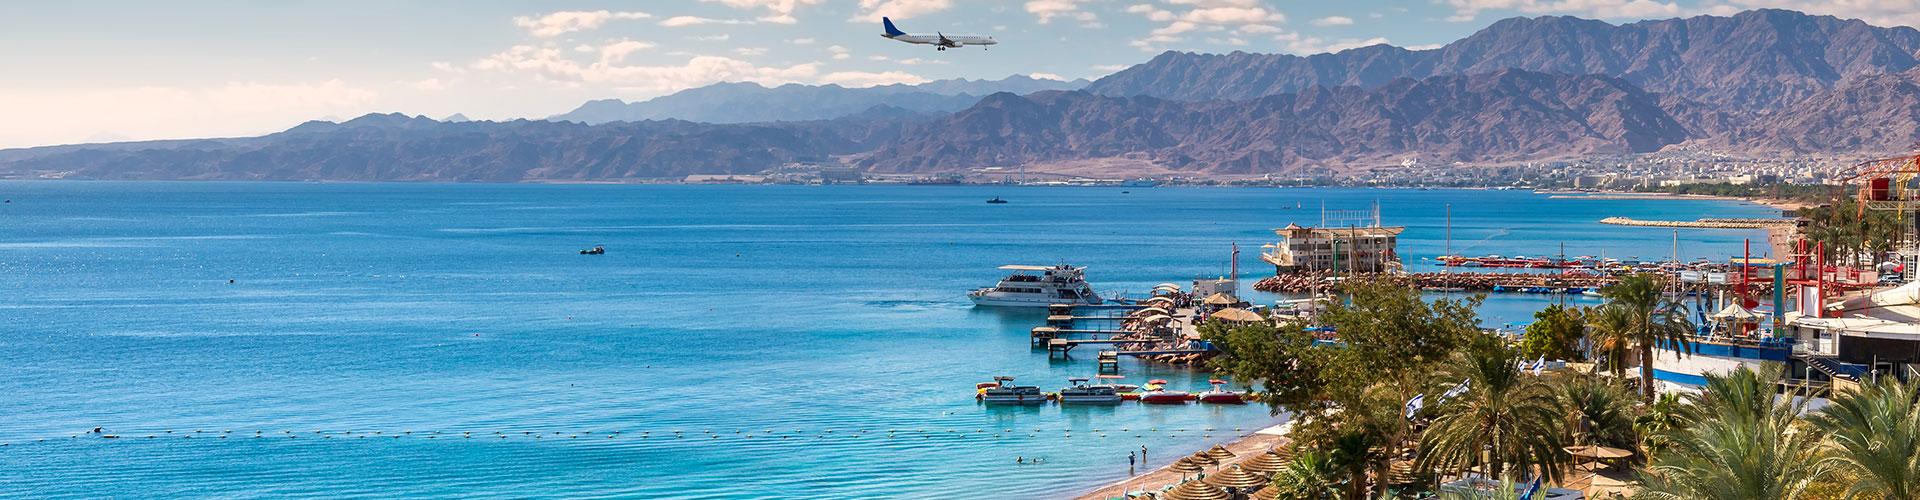 Soleil d'hiver à Eilat